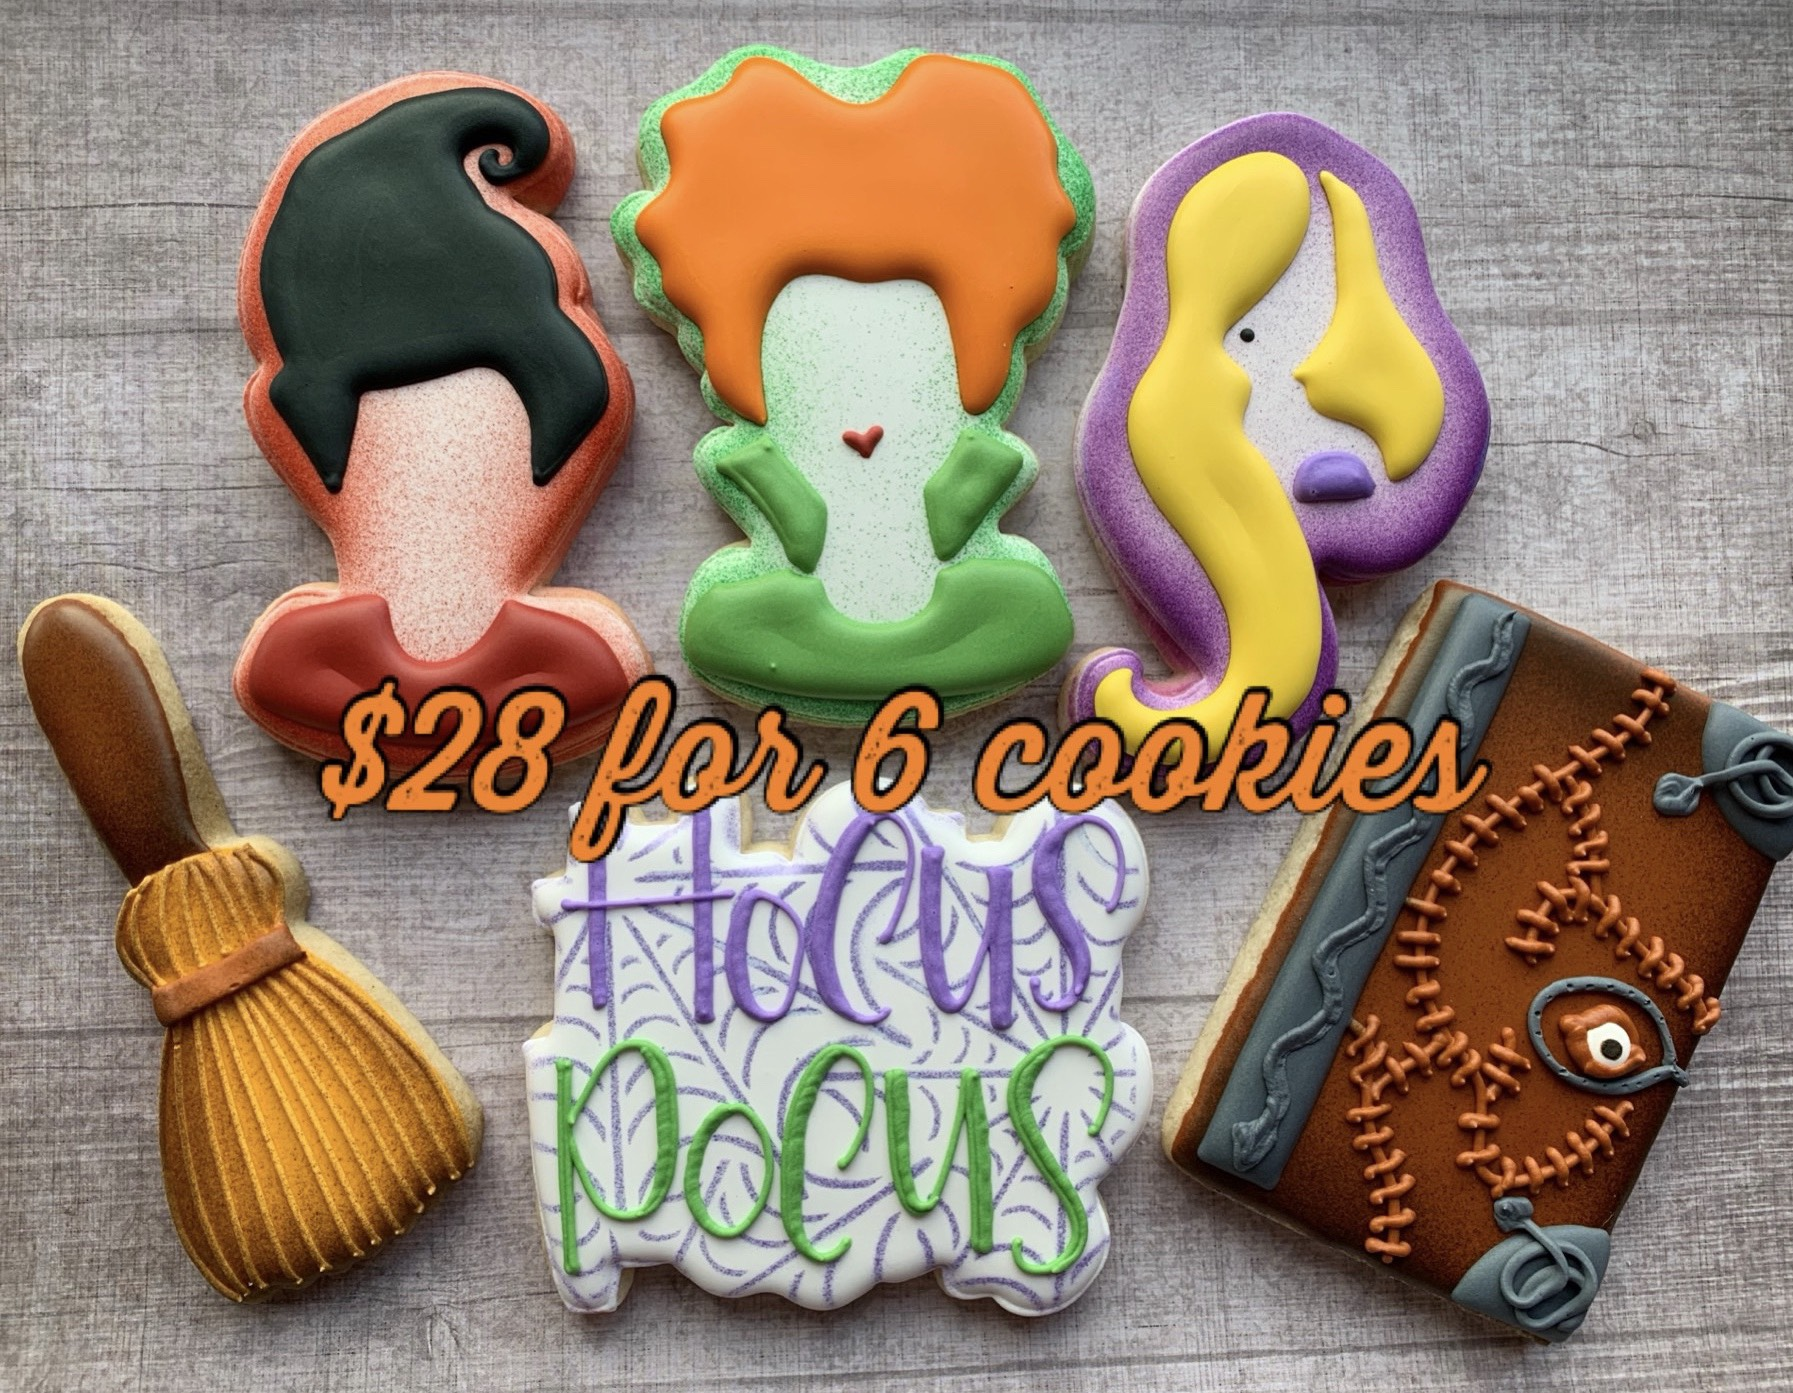 6 assorted Halloween cookies for $28